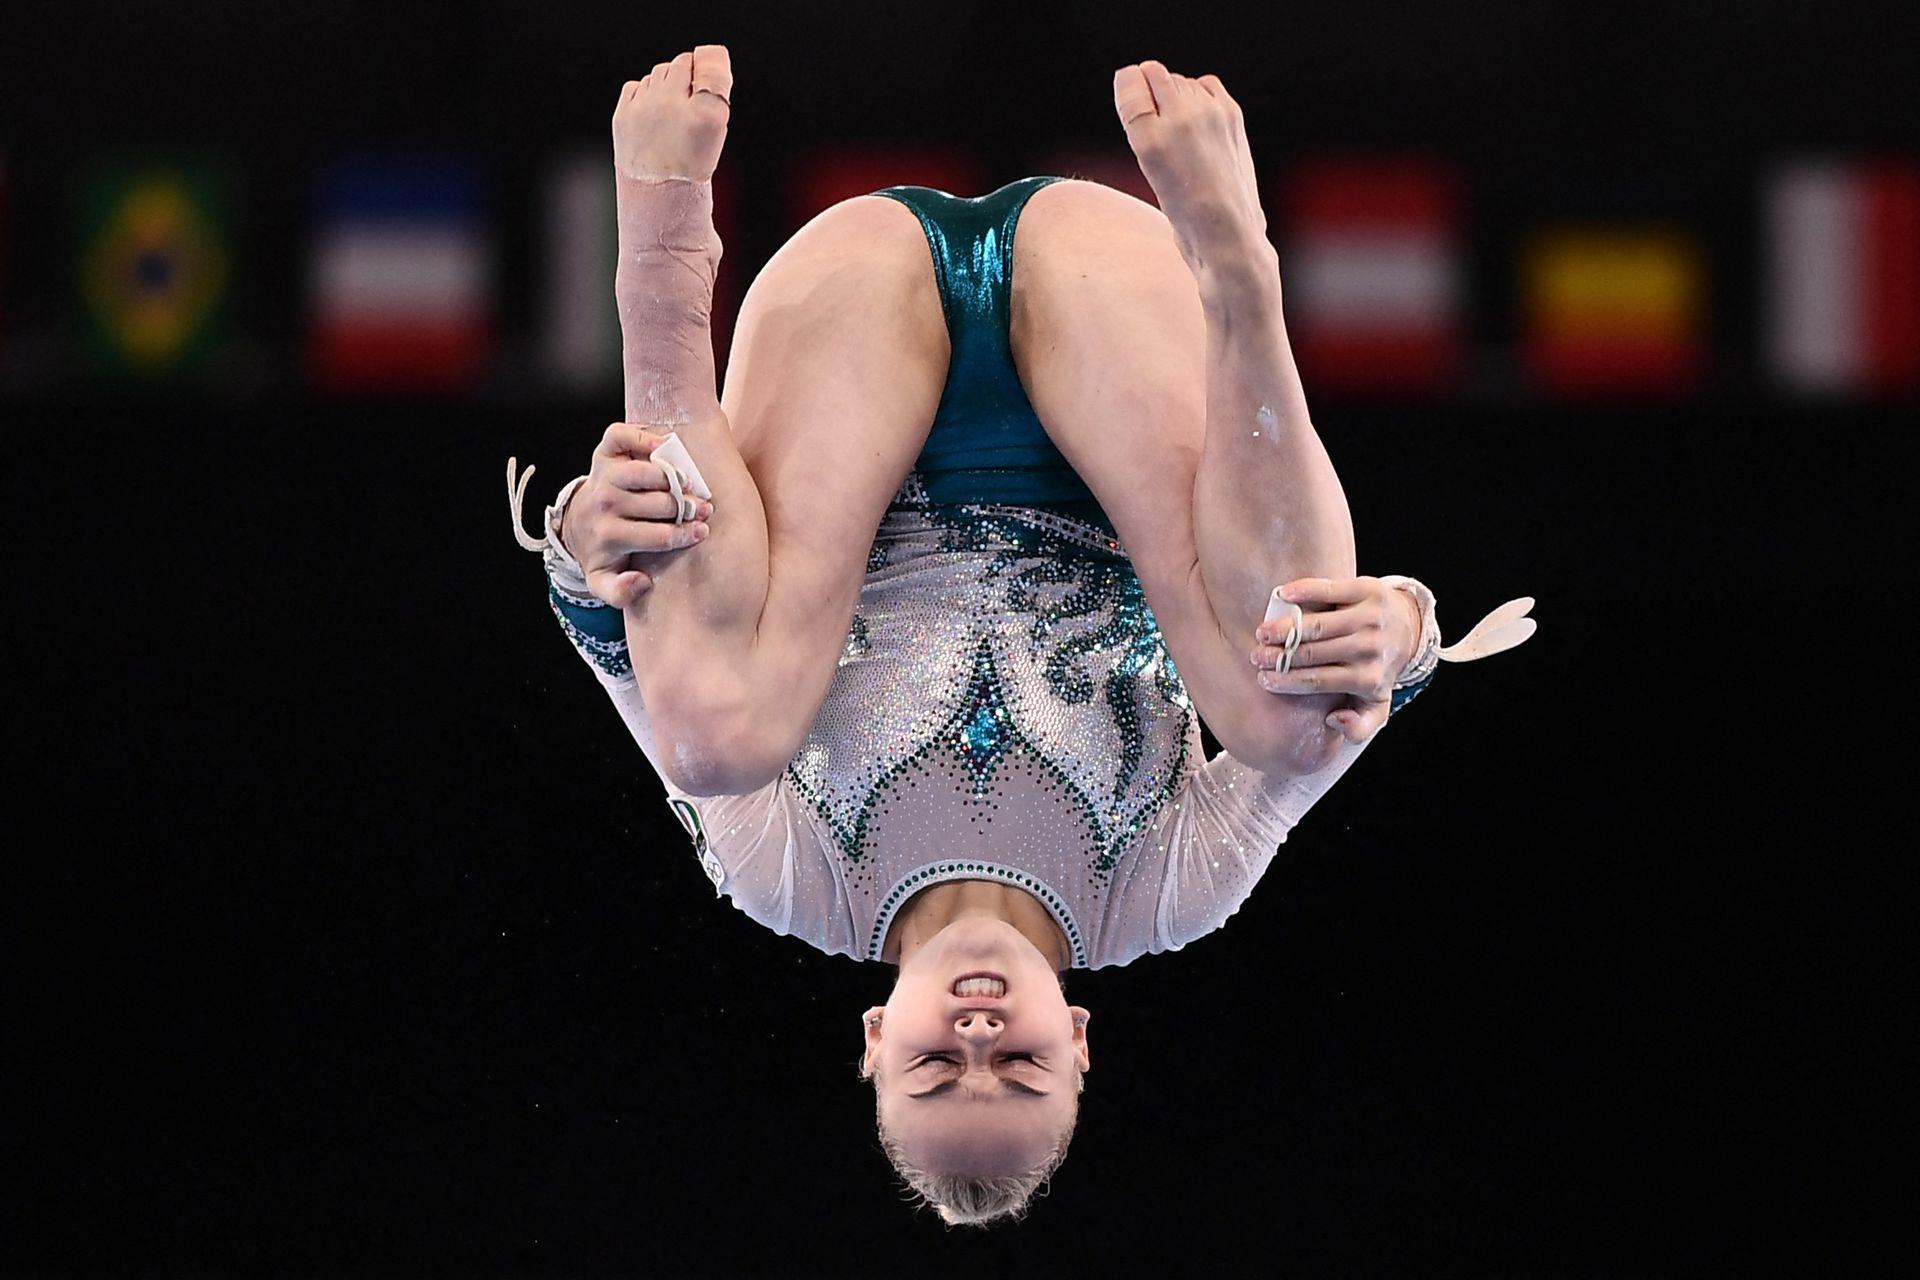 La italiana Asia D'amato compite en el evento de barras asimétricas de la clasificación femenina de gimnasia artística durante los Juegos Olímpicos de Tokio 2020 en el Centro de Gimnasia Ariake en Tokio el 25 de julio de 2021